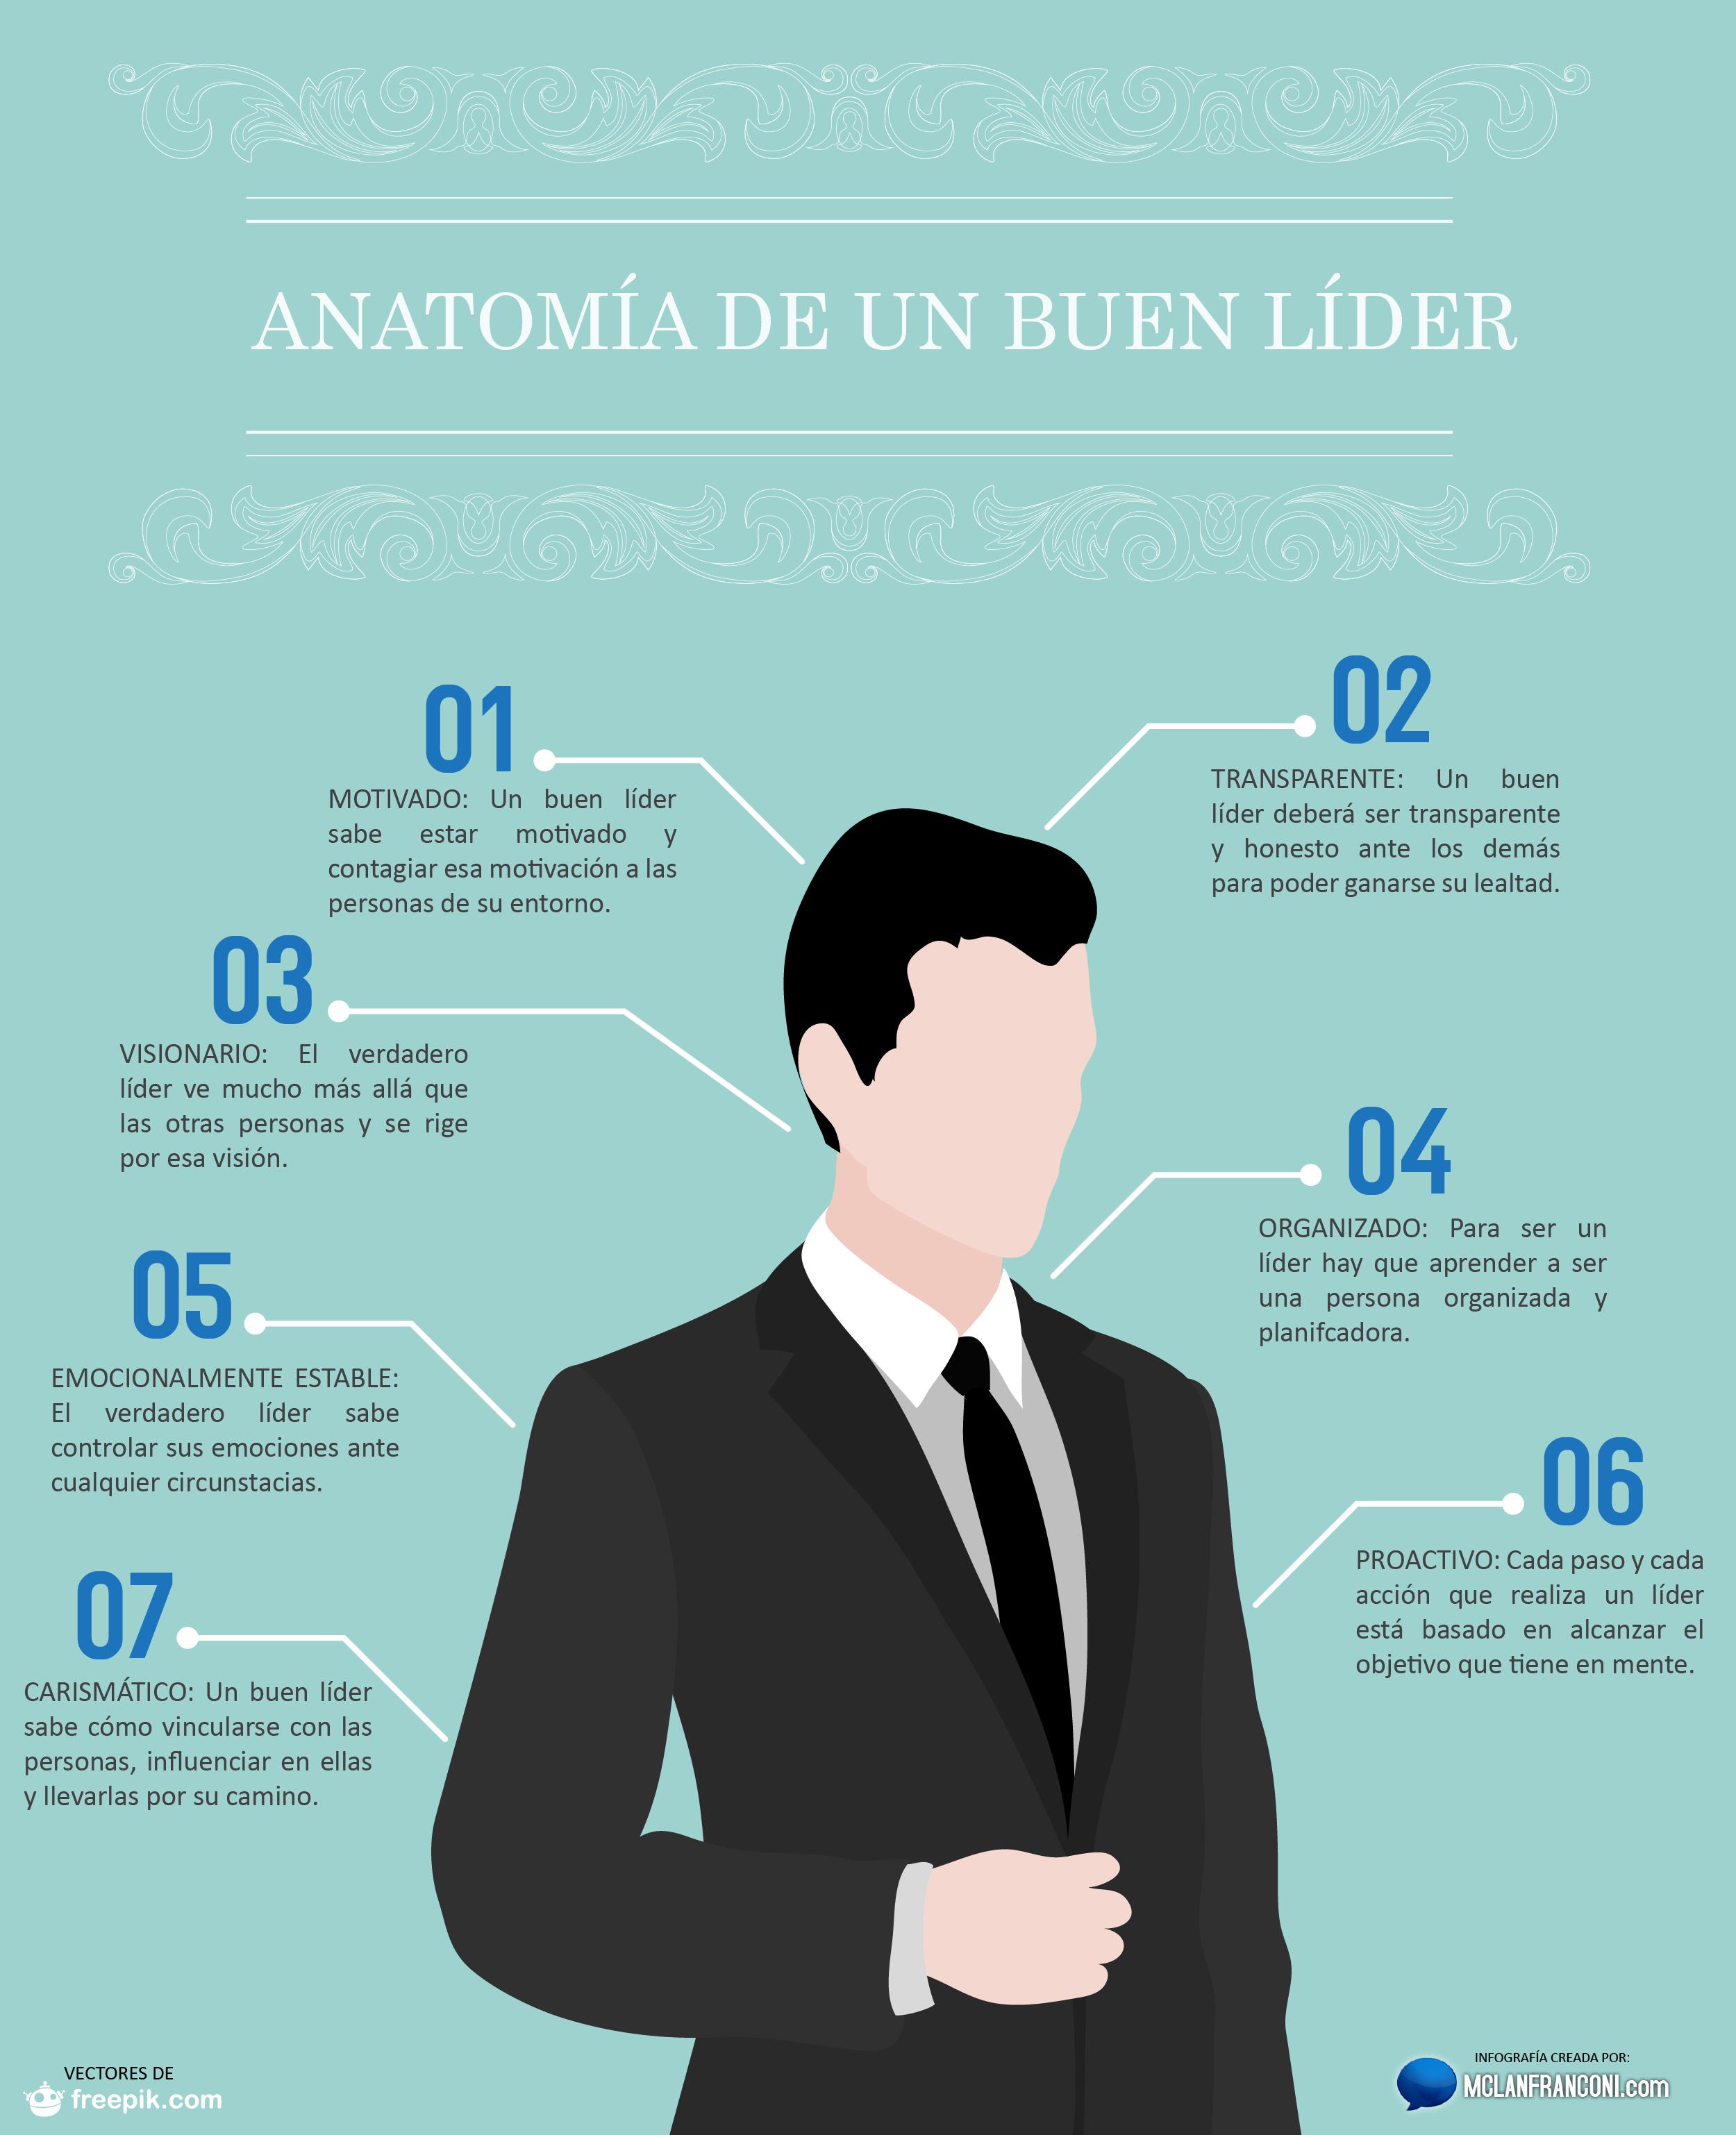 Infografía Que Detalla Cómo Es La Anatomía De Un Buen Líder Lider Concepto De Liderazgo Liderazgo